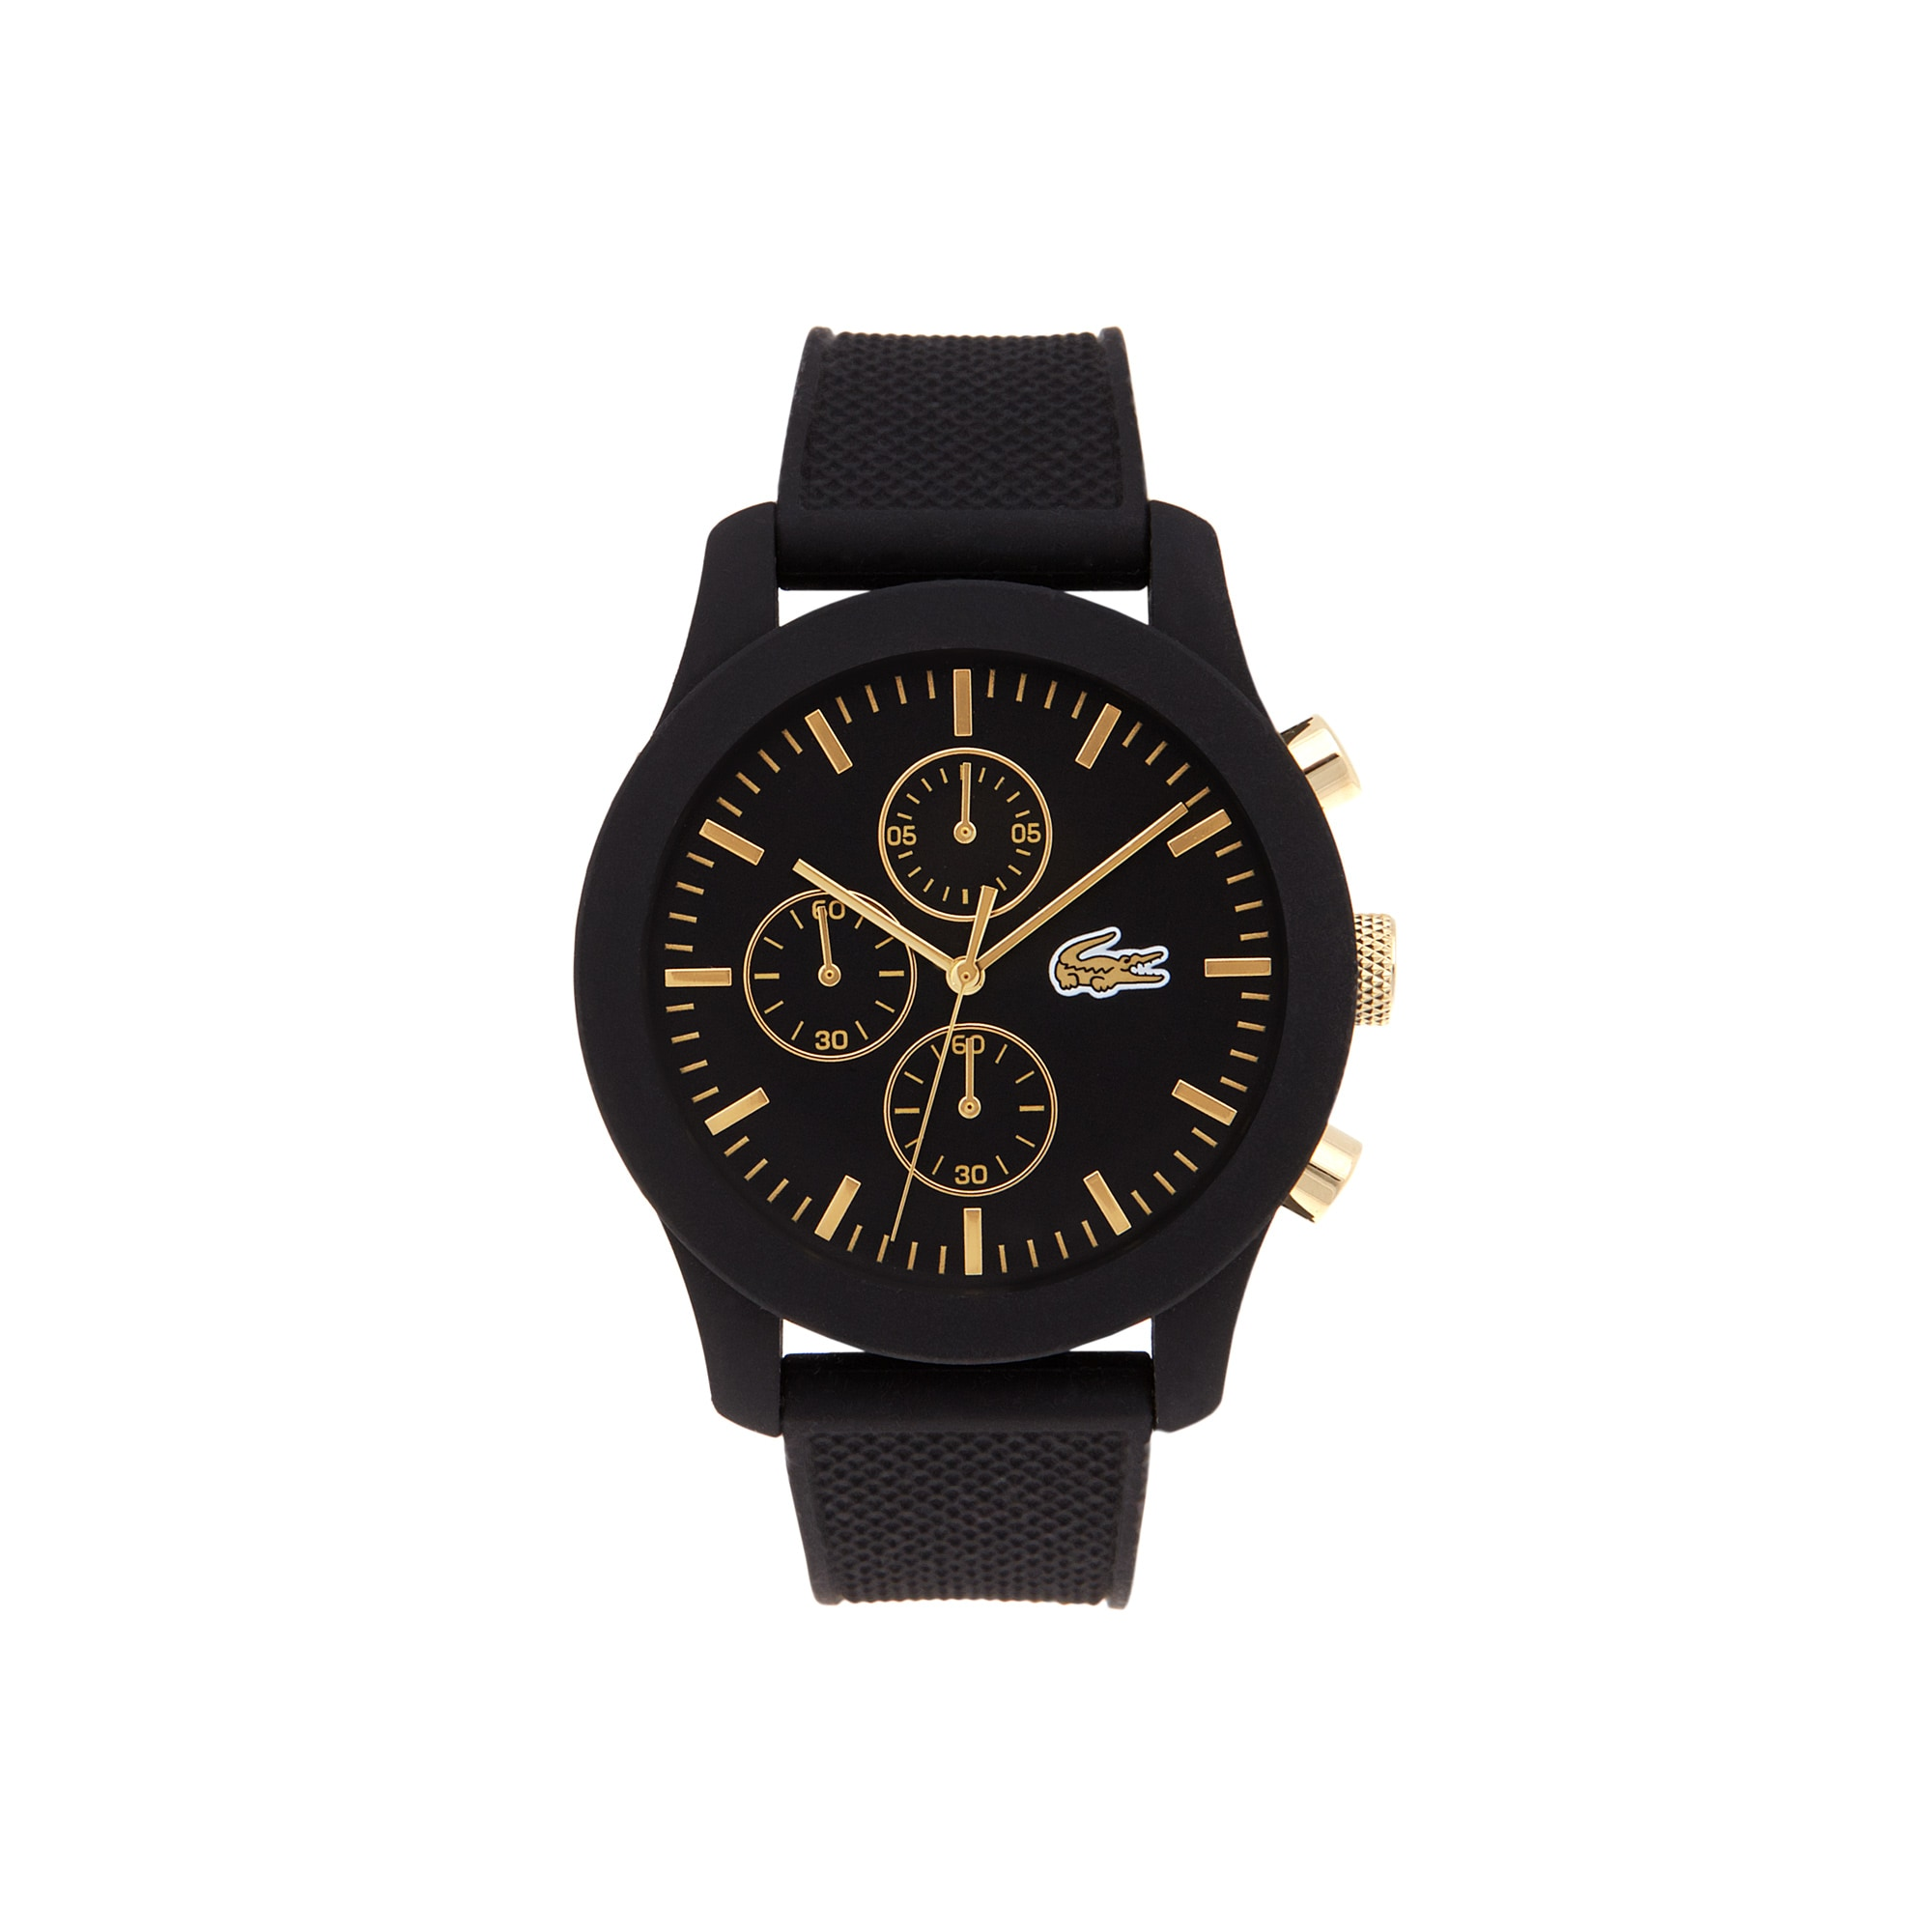 Relógio Lacoste.12.12 com cronógrafo, pulseira de silicone preta e detalhes dourados no mostrador